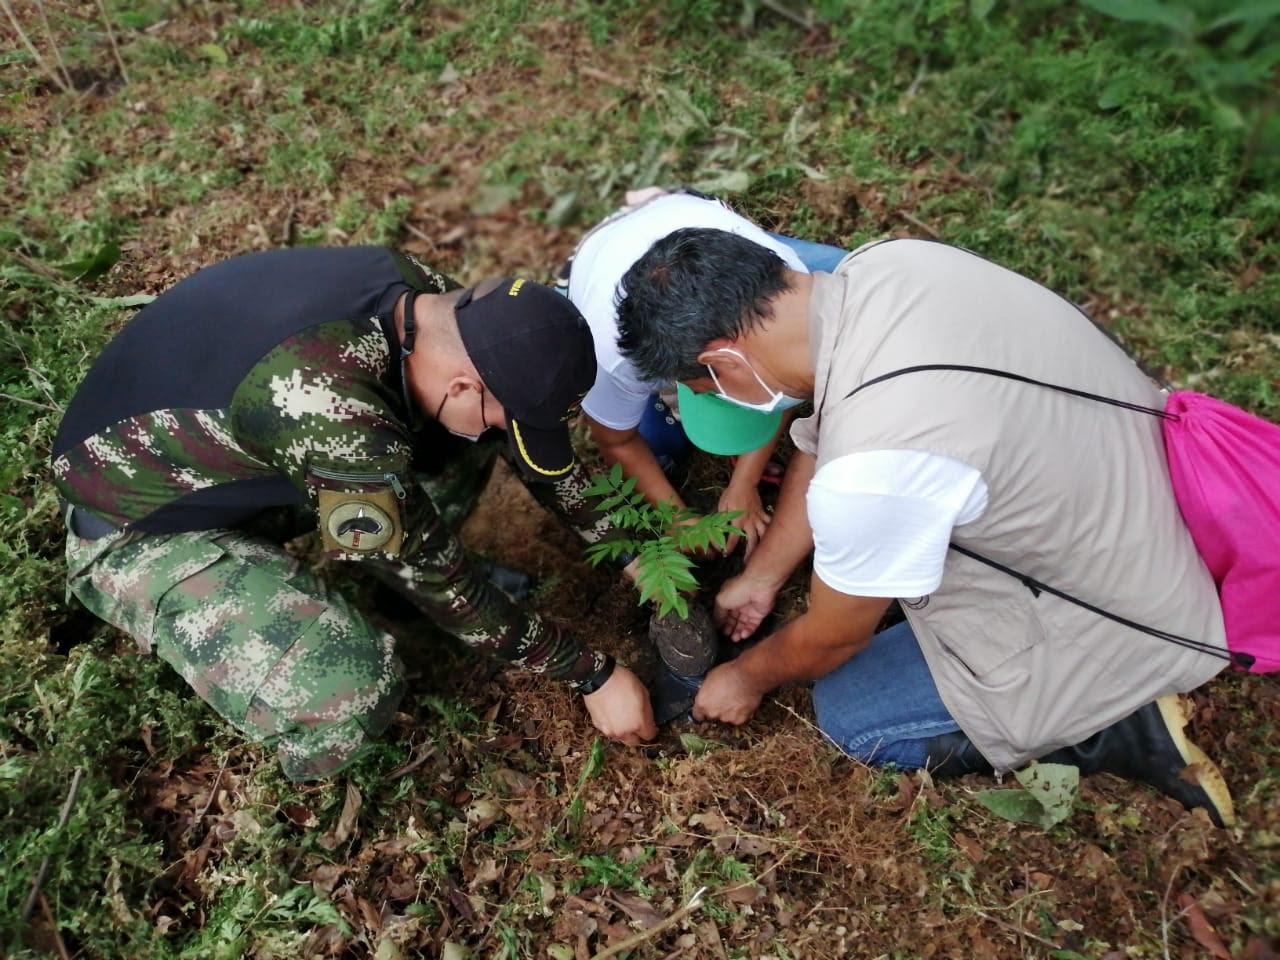 Grandes personalidades ambientales se suman a la siembra de árboles para recuperar el Amazonas